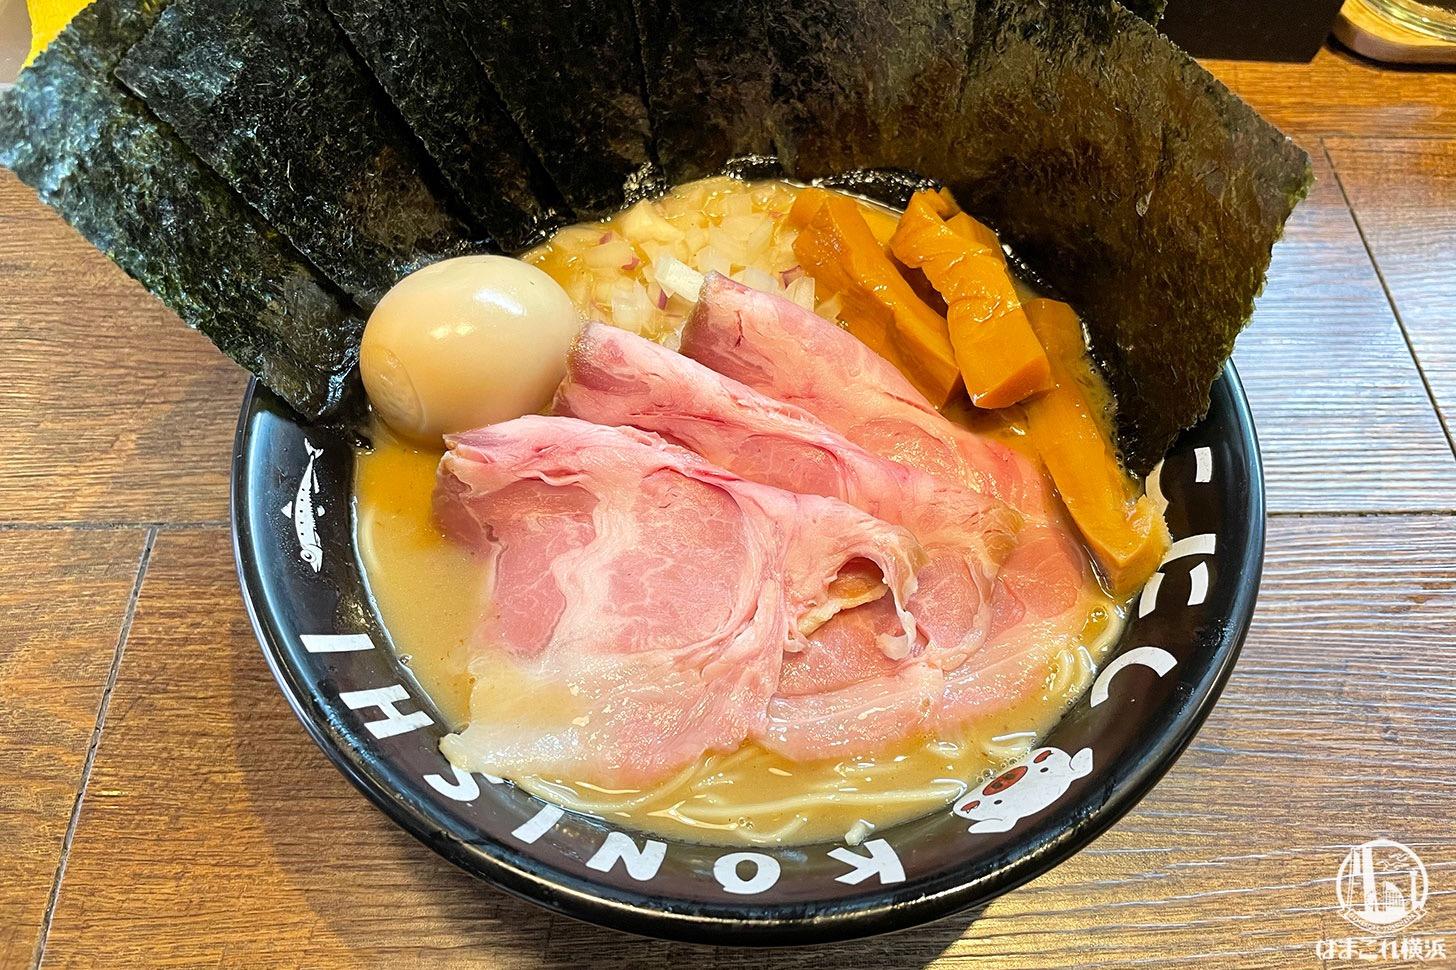 横浜・鶴ヶ峰「こにし」のラーメンは素材に凝った究極の一杯!鶏と煮干の超まろやか中華そば